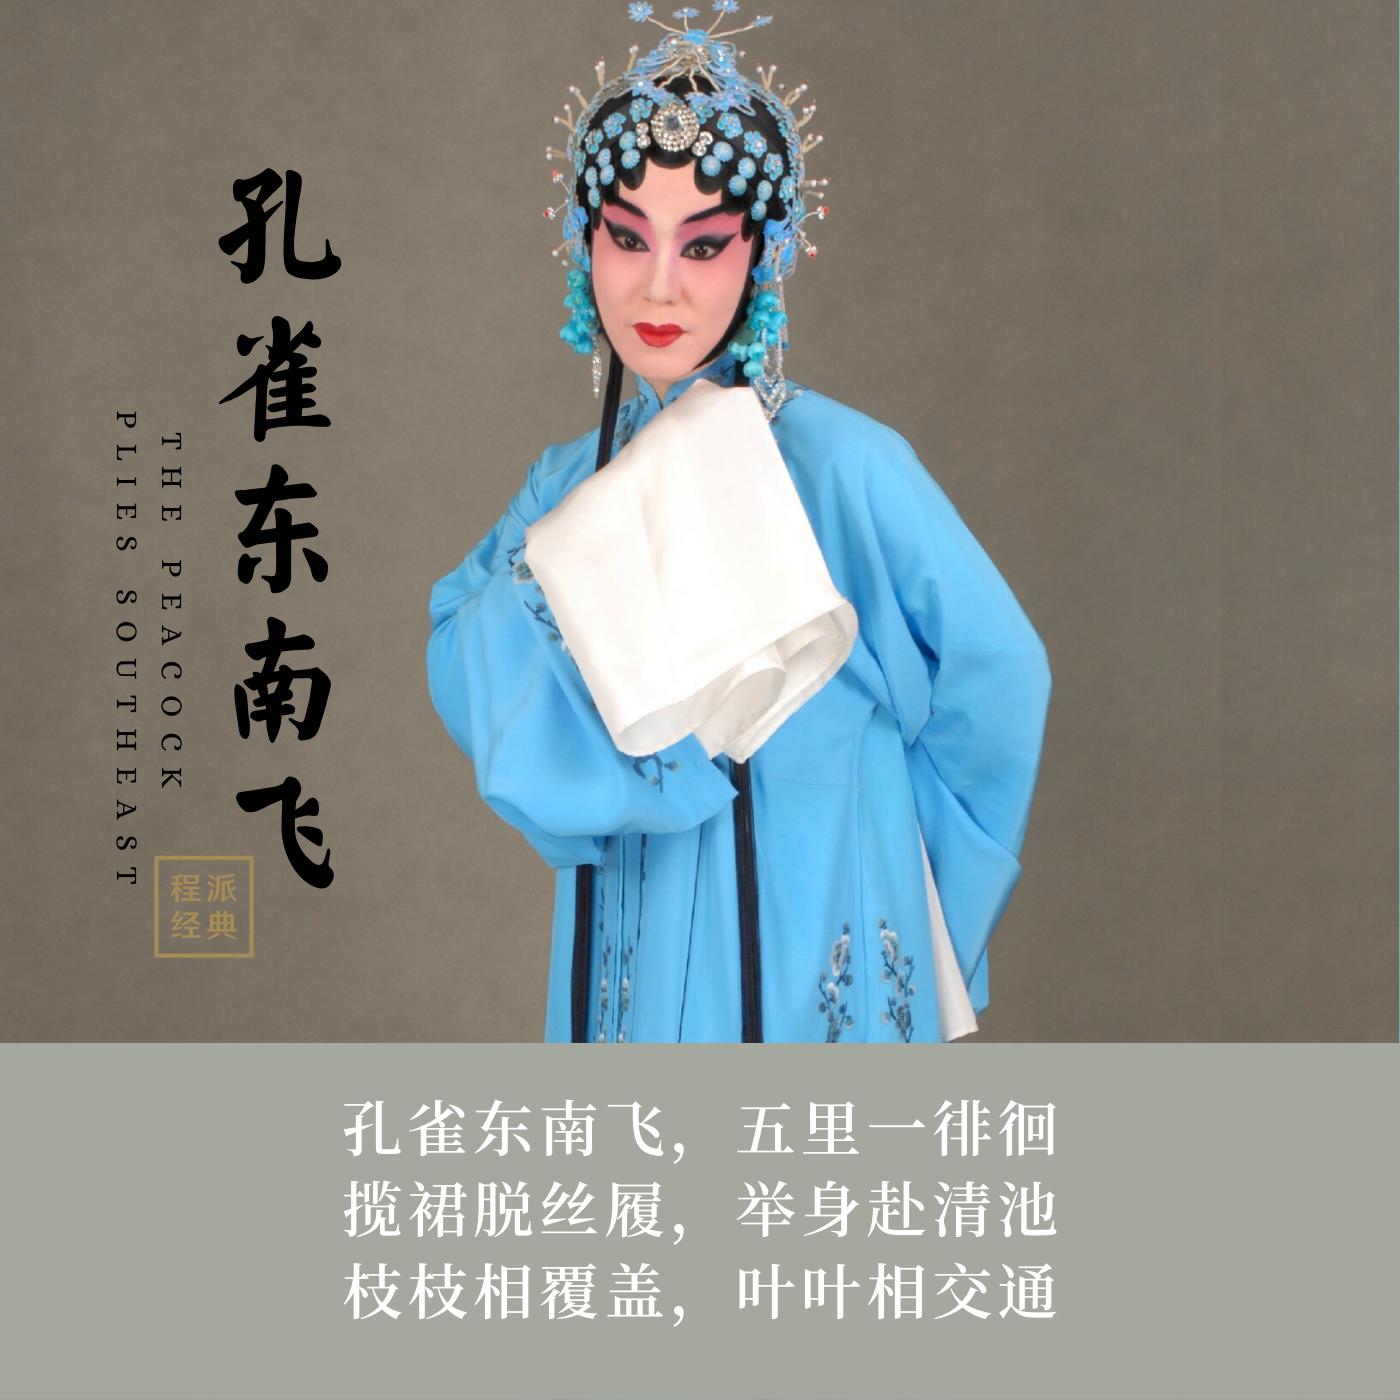 迟小秋《孔雀东南飞》京剧选场(程派)